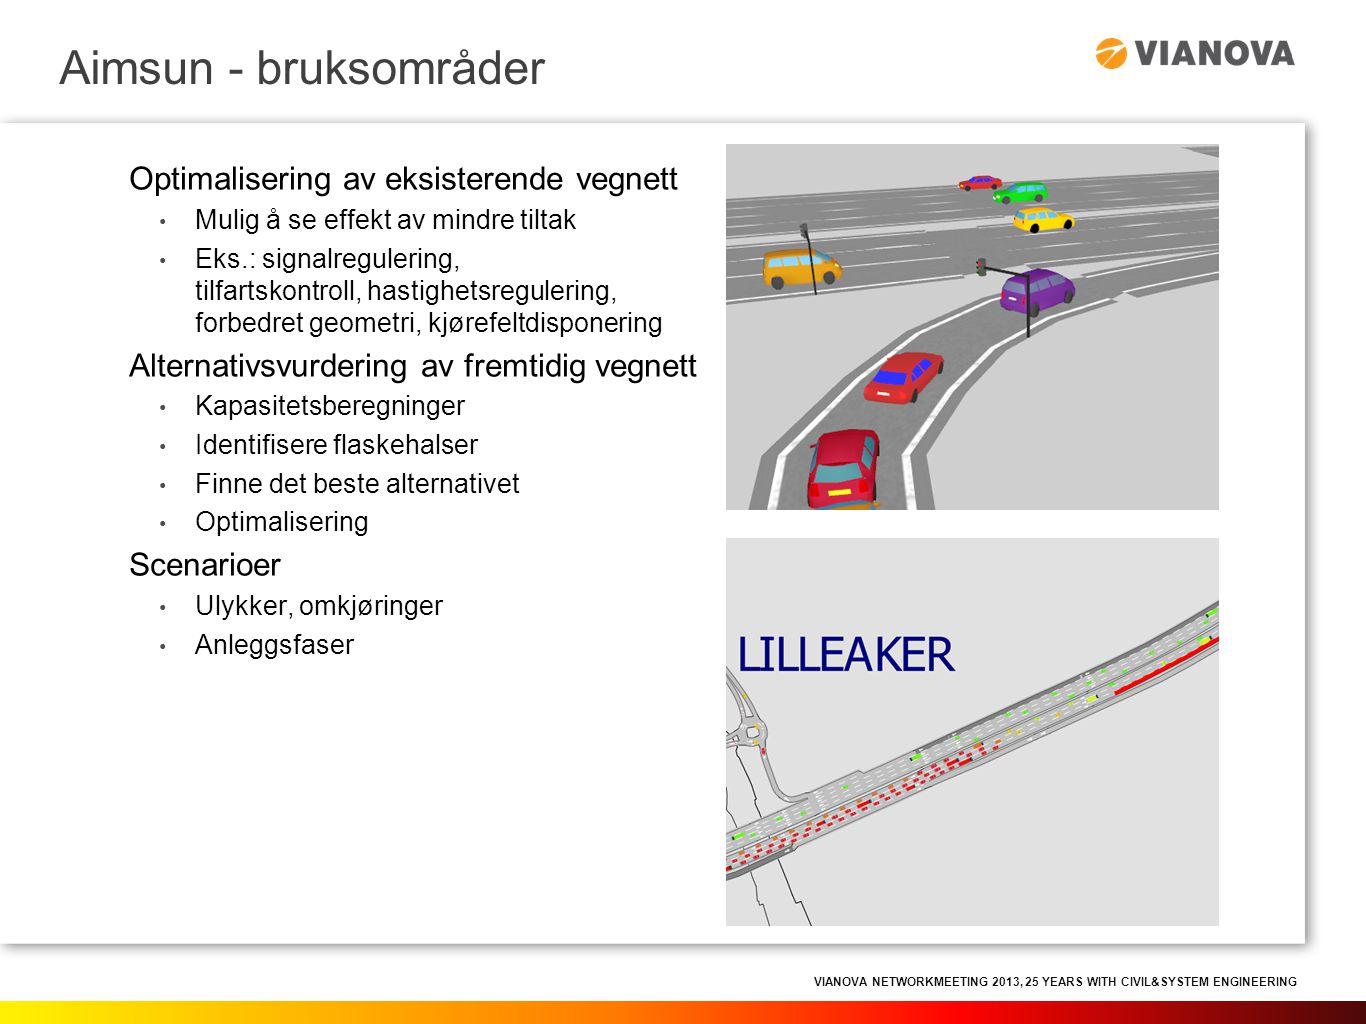 VIANOVA NETWORKMEETING 2013, 25 YEARS WITH CIVIL&SYSTEM ENGINEERING • Modellen mates med trafikketterspørsel, vegnett og soner • Trafikketterspørsel gis i OD-matrise  Posisjon til hvert enkelt kjøretøy beregnes hvert sekund (eller annet valgfritt beregningsintervall) • Utviklet i Spania  mange parametere som må tilpasses norske forhold Hvordan det virker